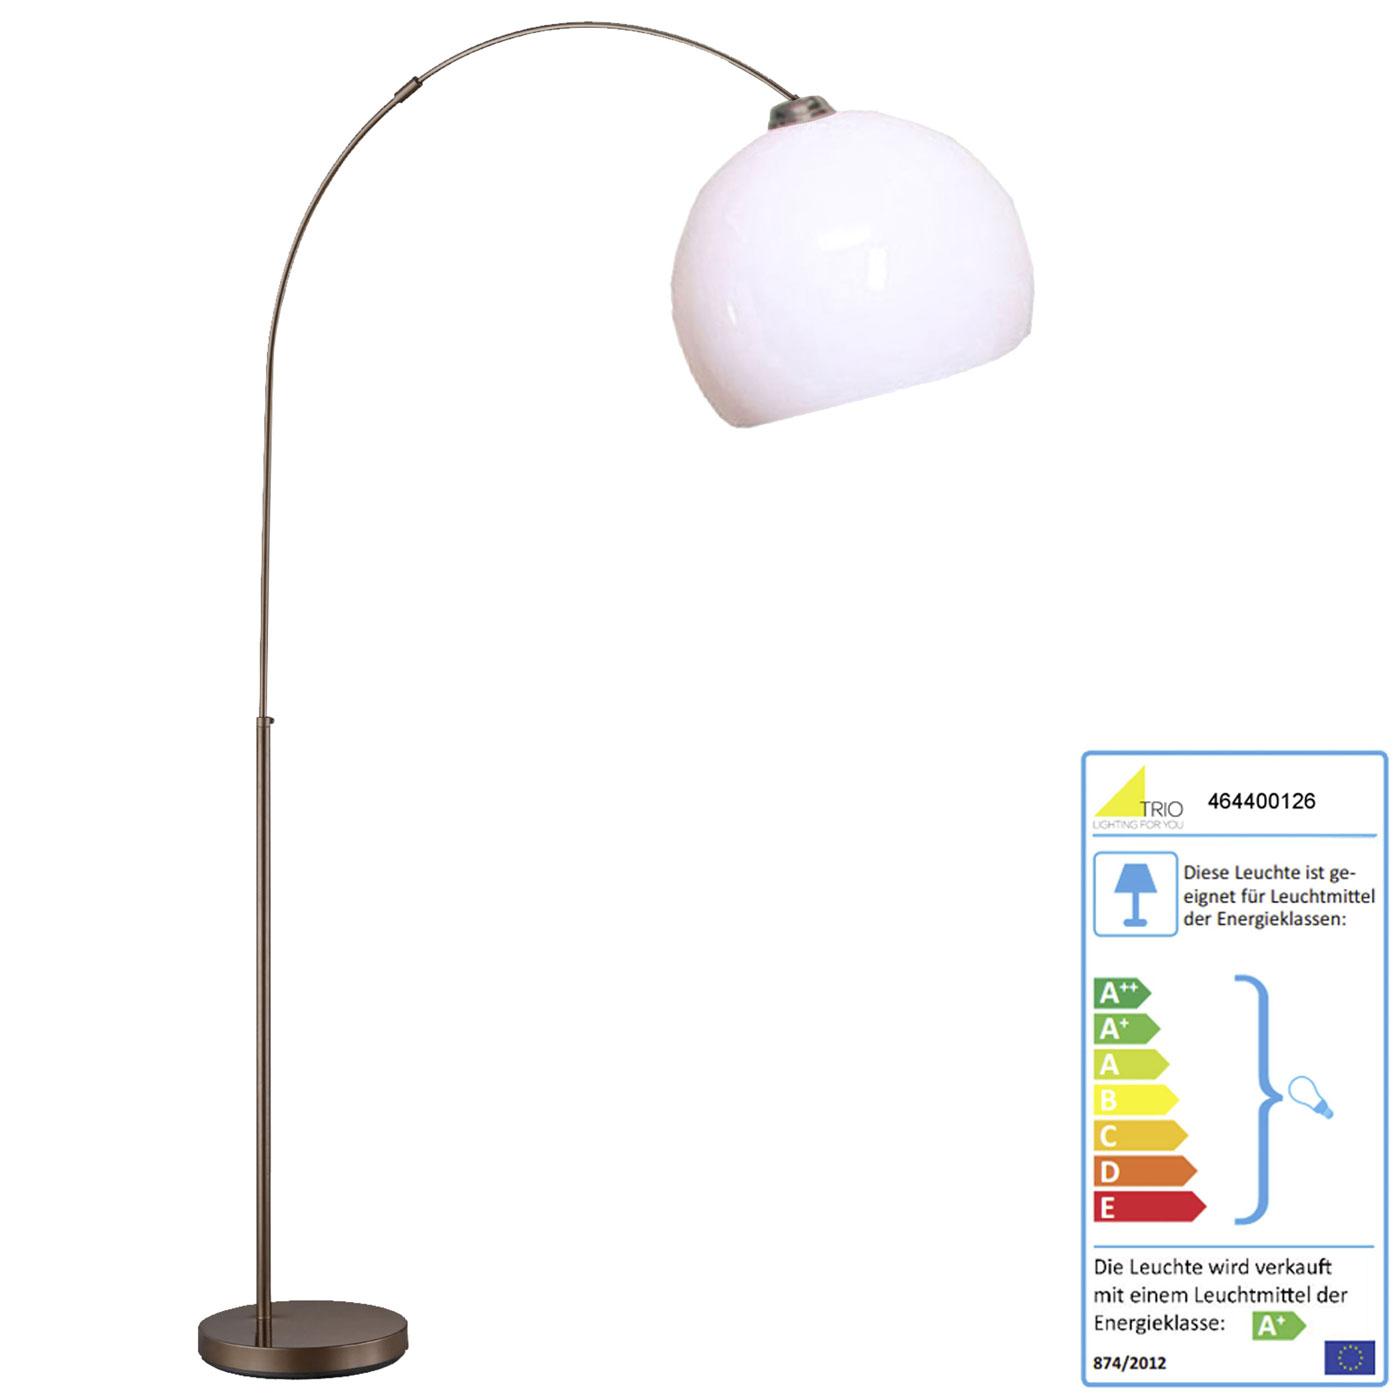 Spacing Image, Trio LED Bogenlampe RL168, Stehleuchte Standleuchte  Bogenleuchte, 195cm EEK A+ 5W ~ Weiß